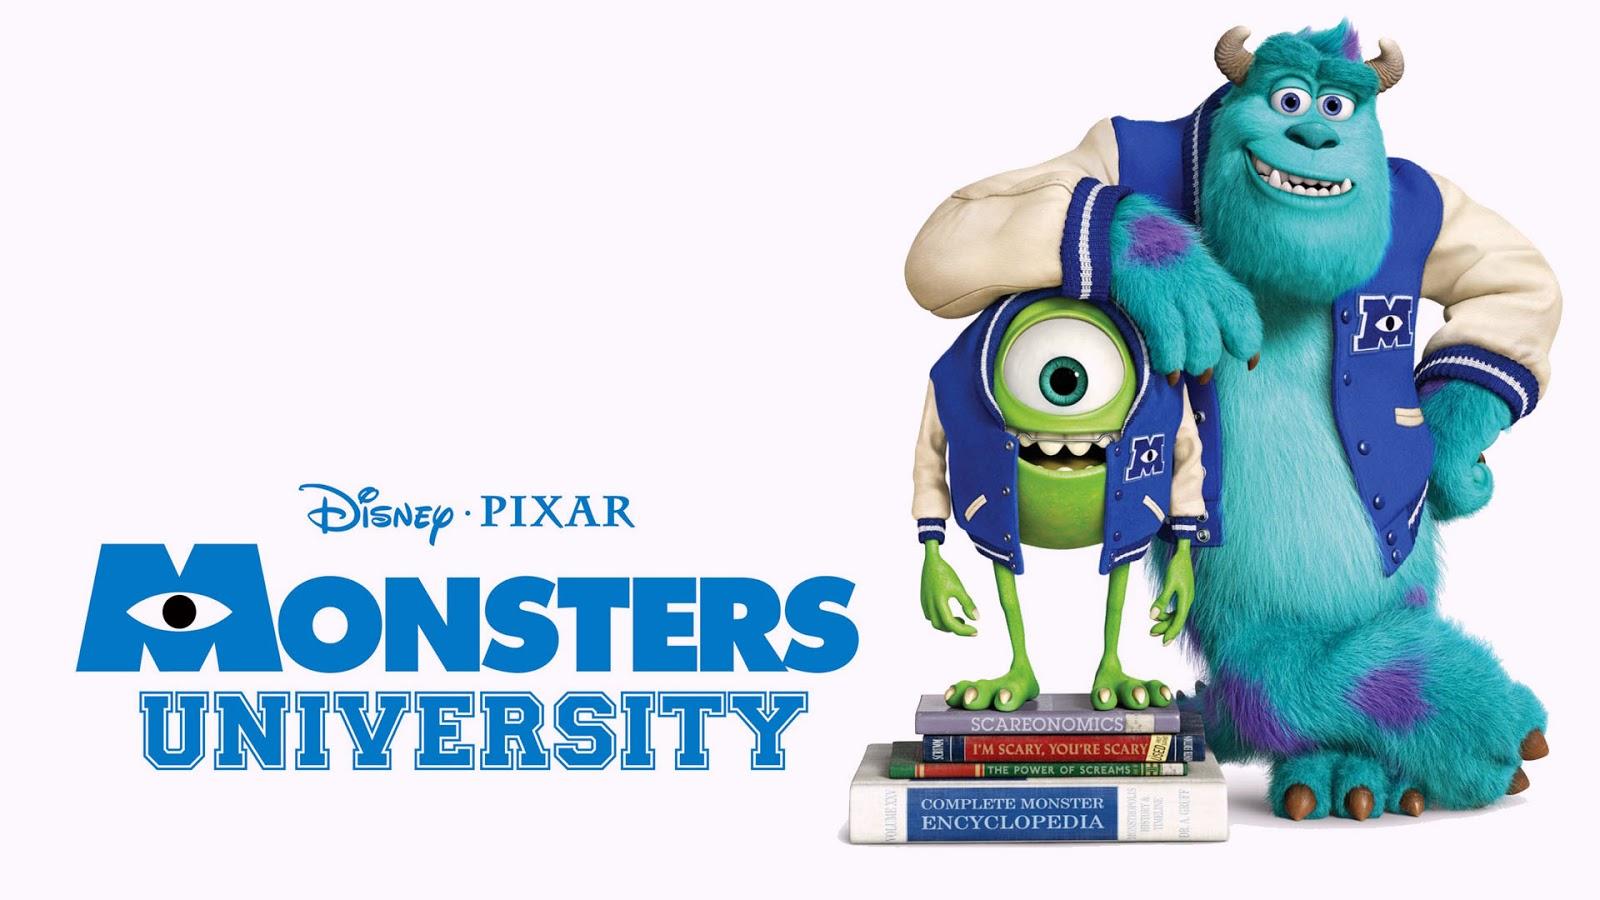 Monsters University 2013 Movie BrRip 720p Free Download Monsters University 2013